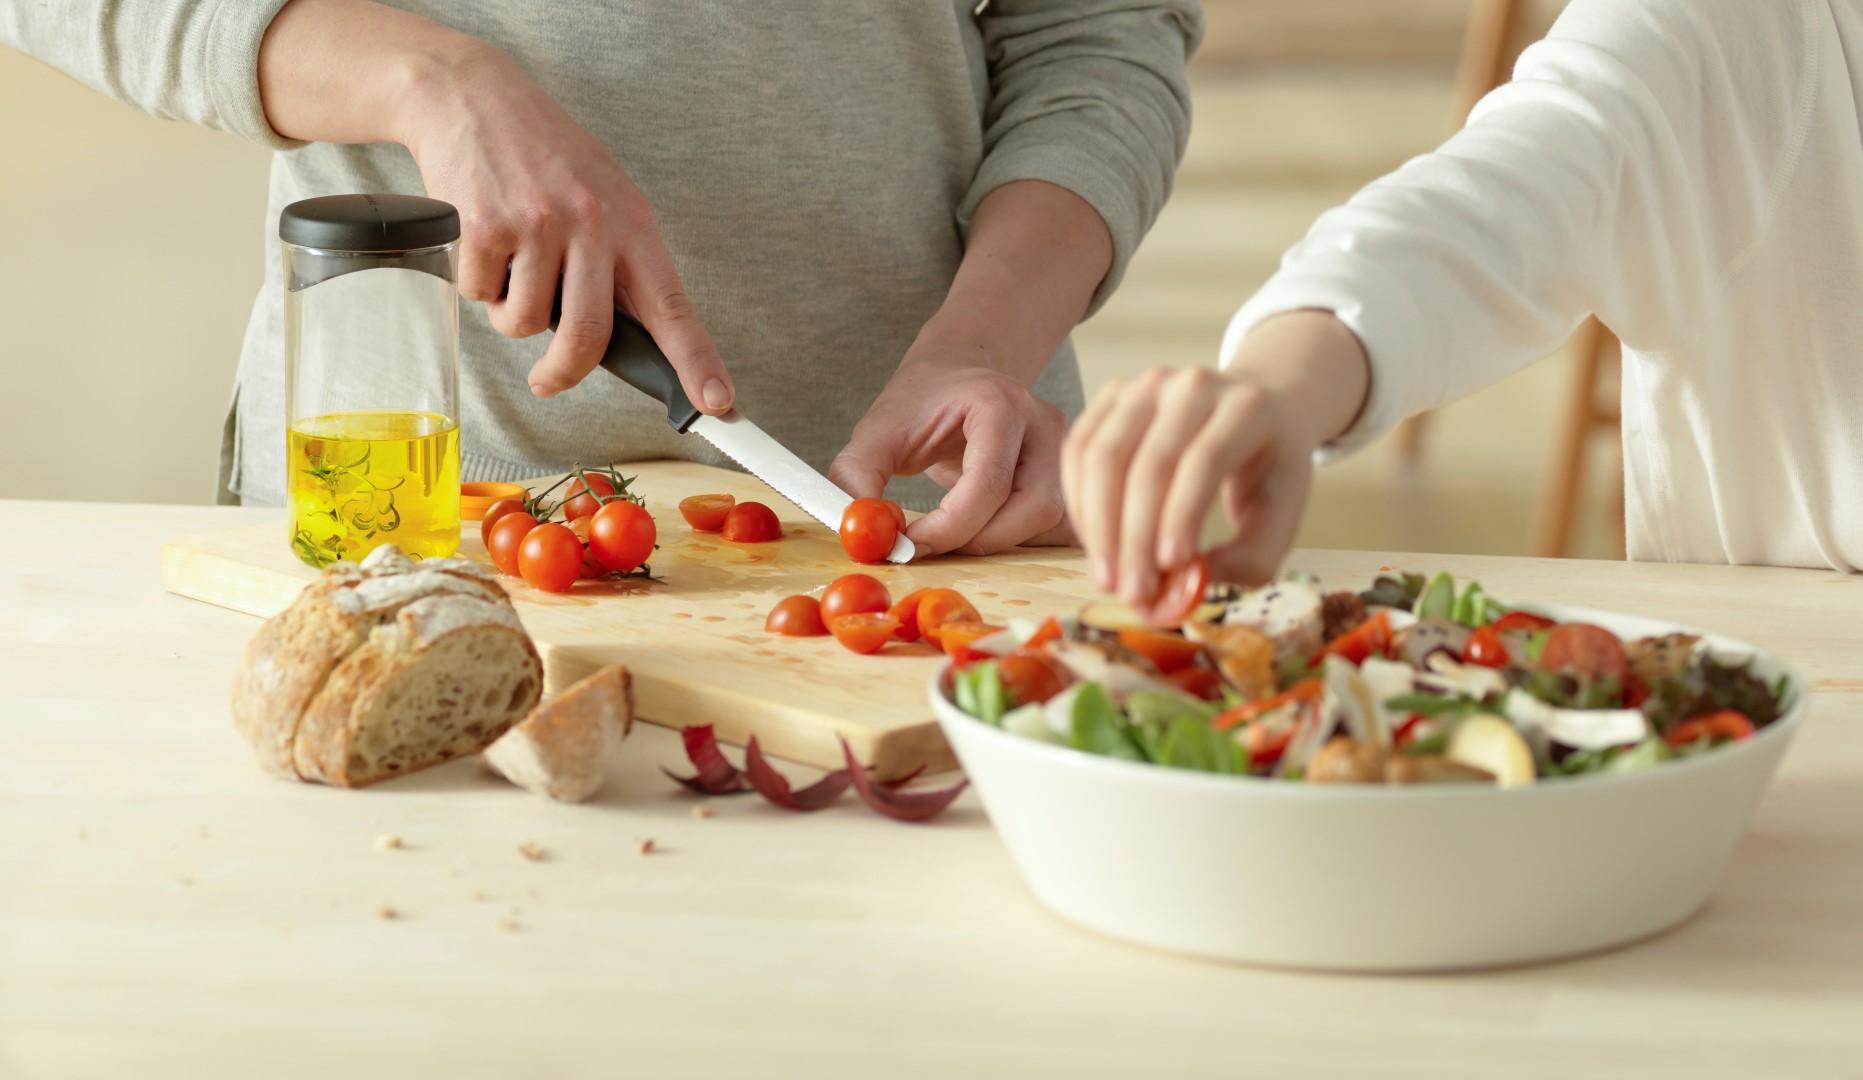 NÕUANDED! 6 lihtsat nippi kööginugade eluea pikendamiseks